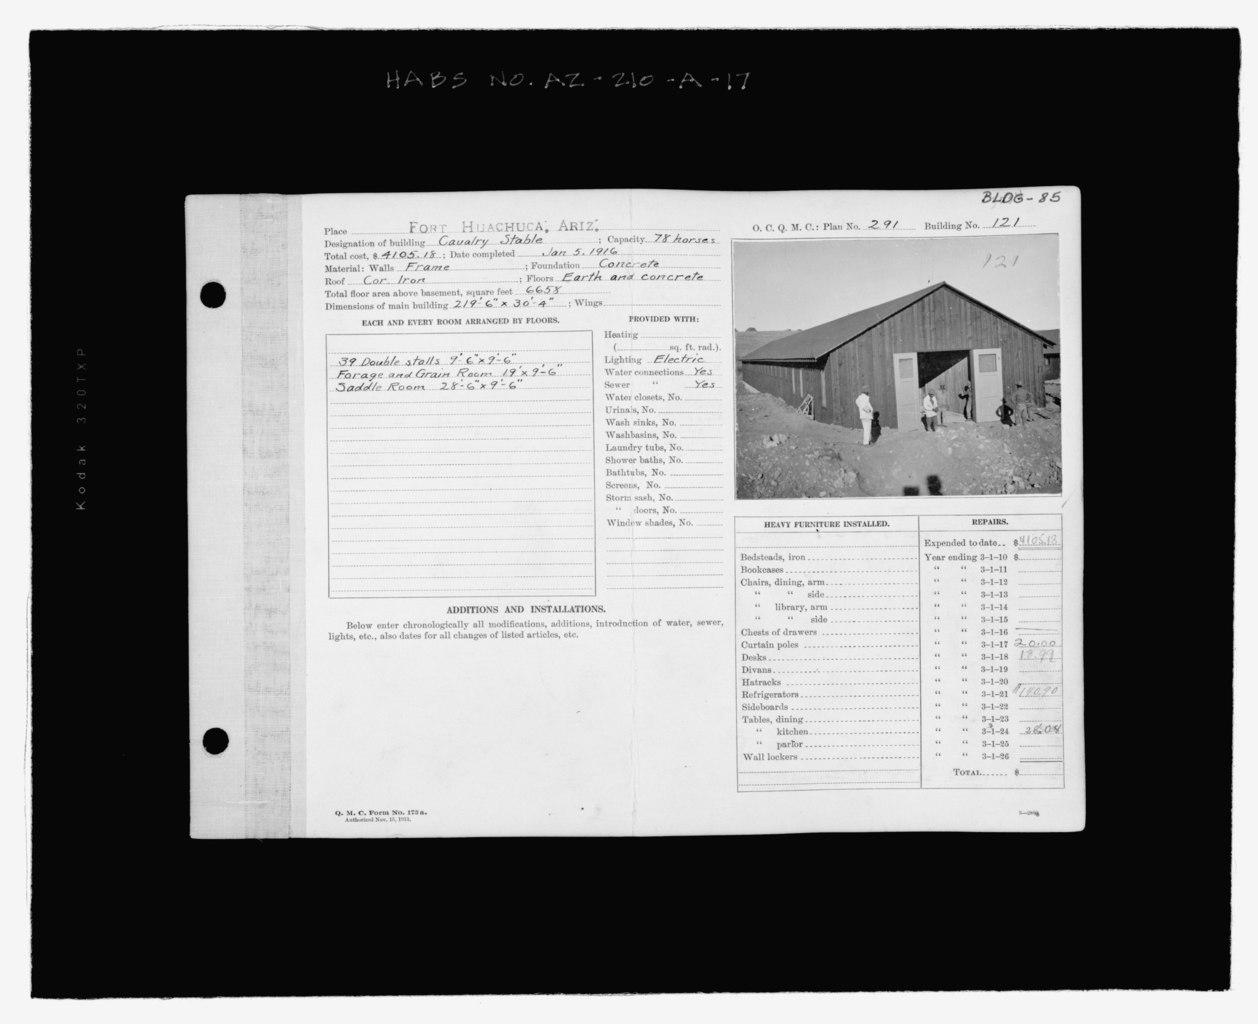 Property Record Card Islamorada